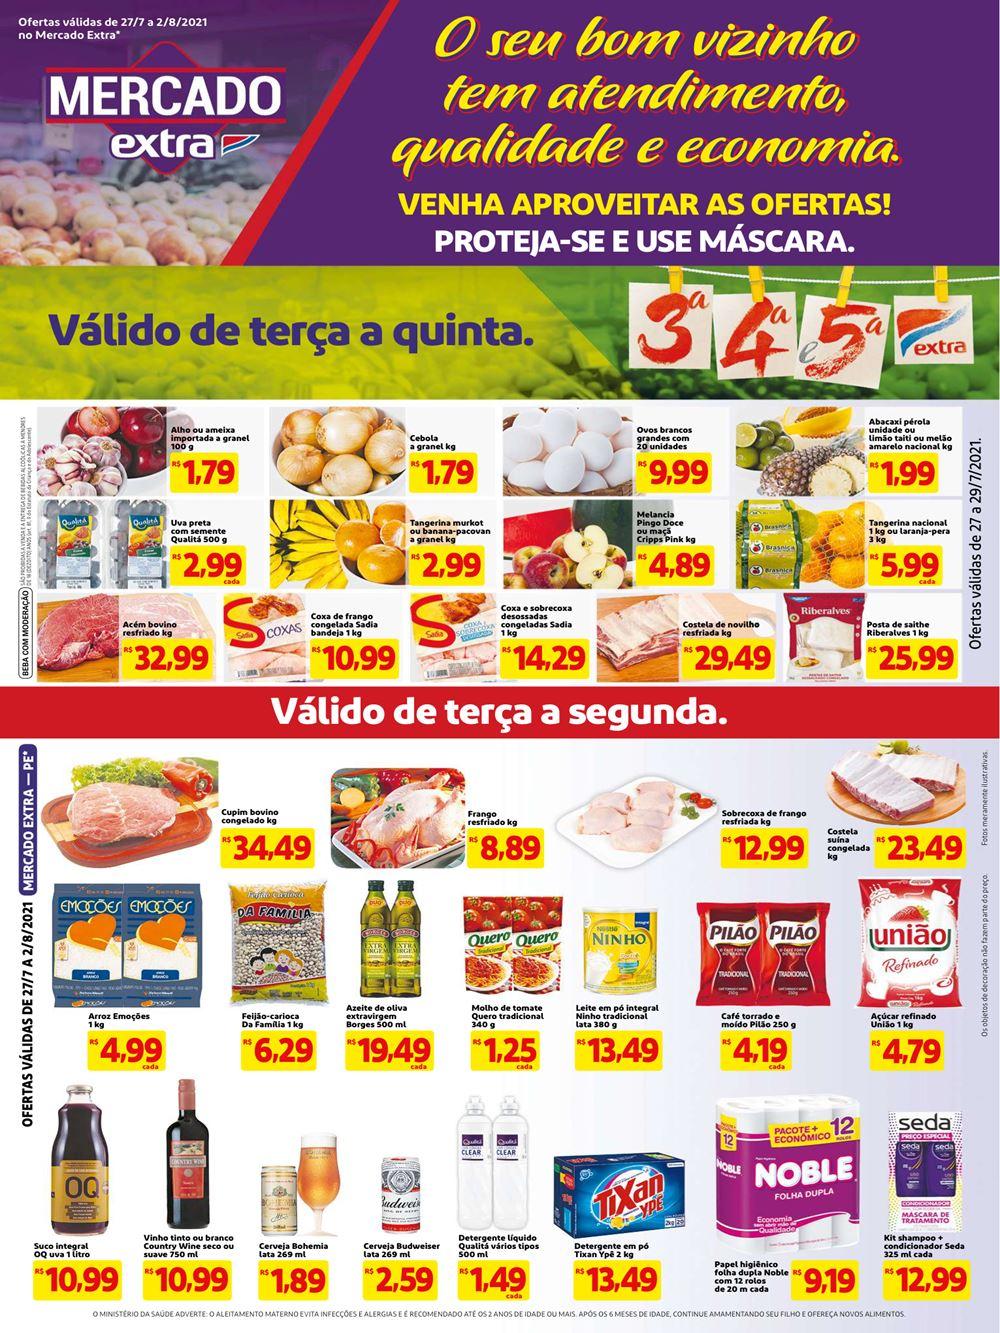 extra-ofertas-descontos-hoje1-69-1 Novo Folheto Mercado Extra ofertas até 02 de Agosto: confira